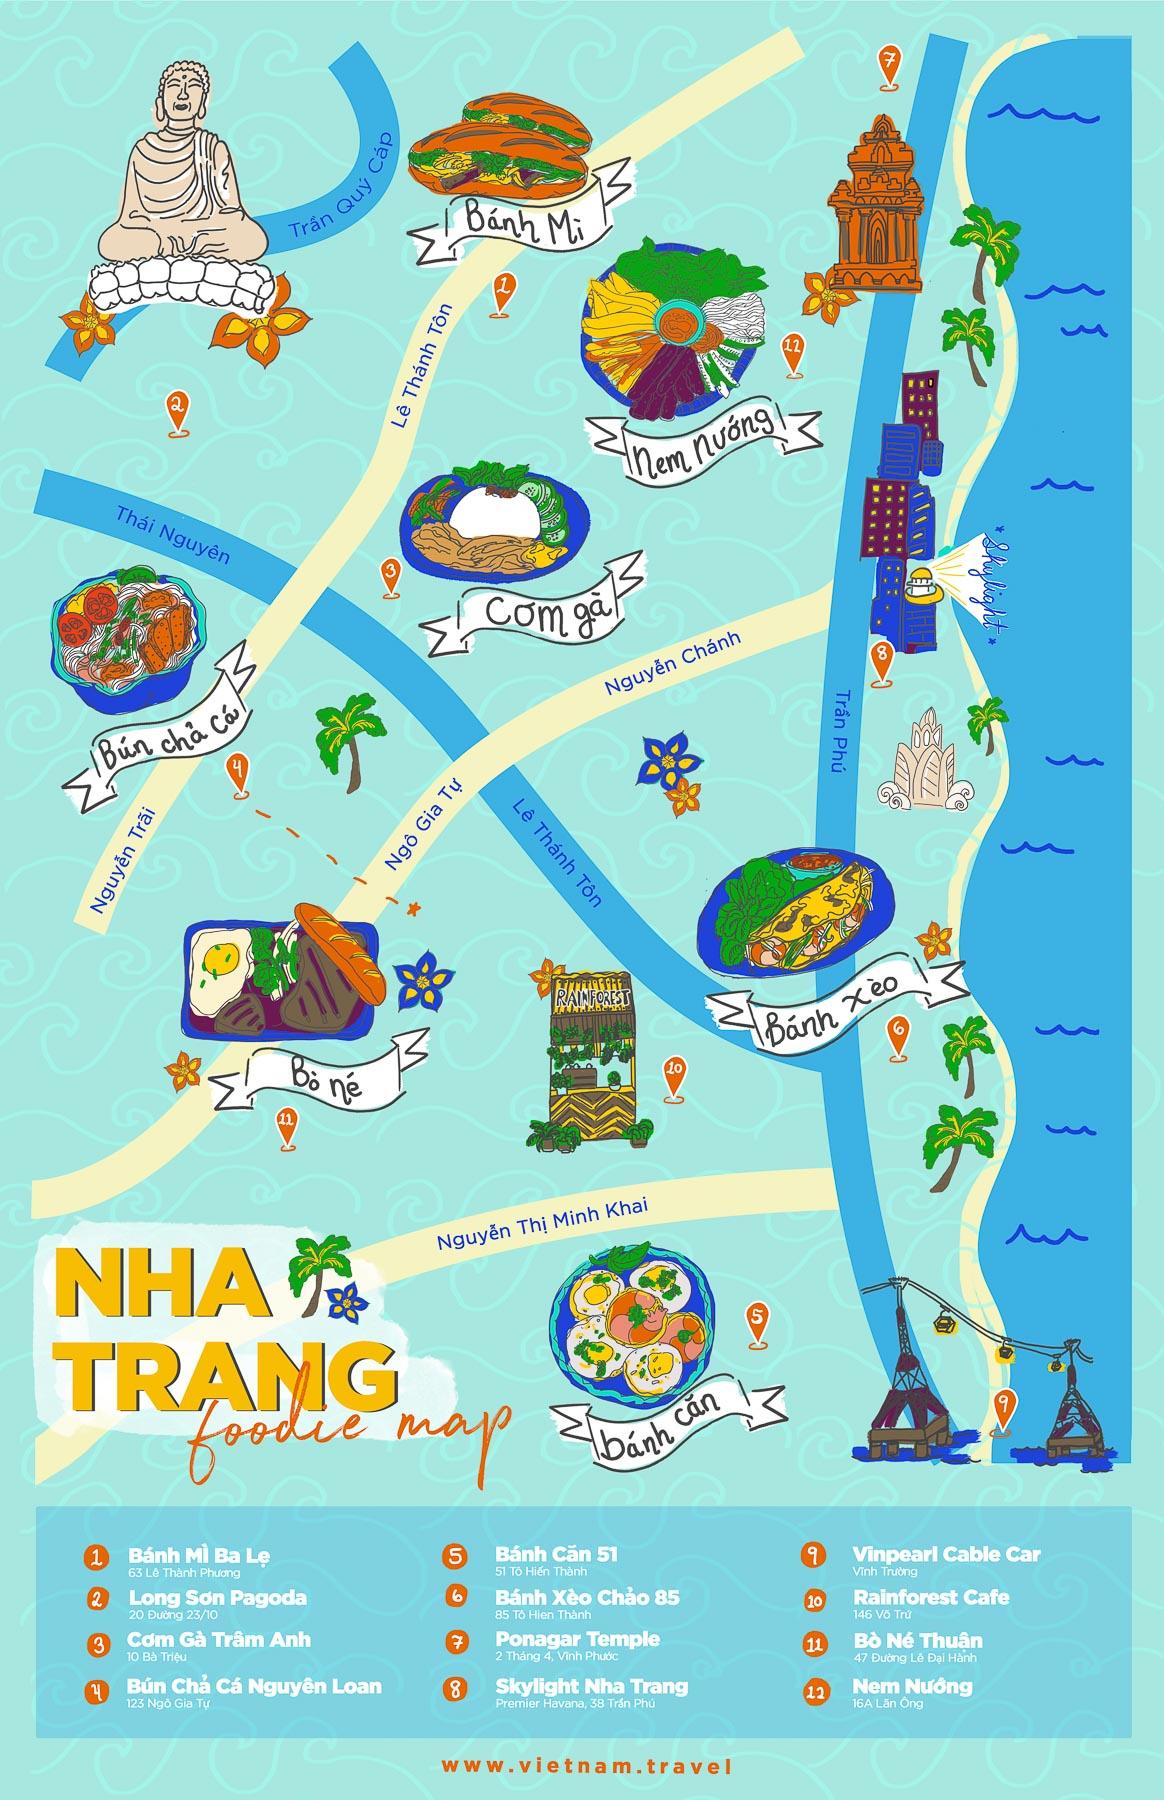 Nha Trang travel